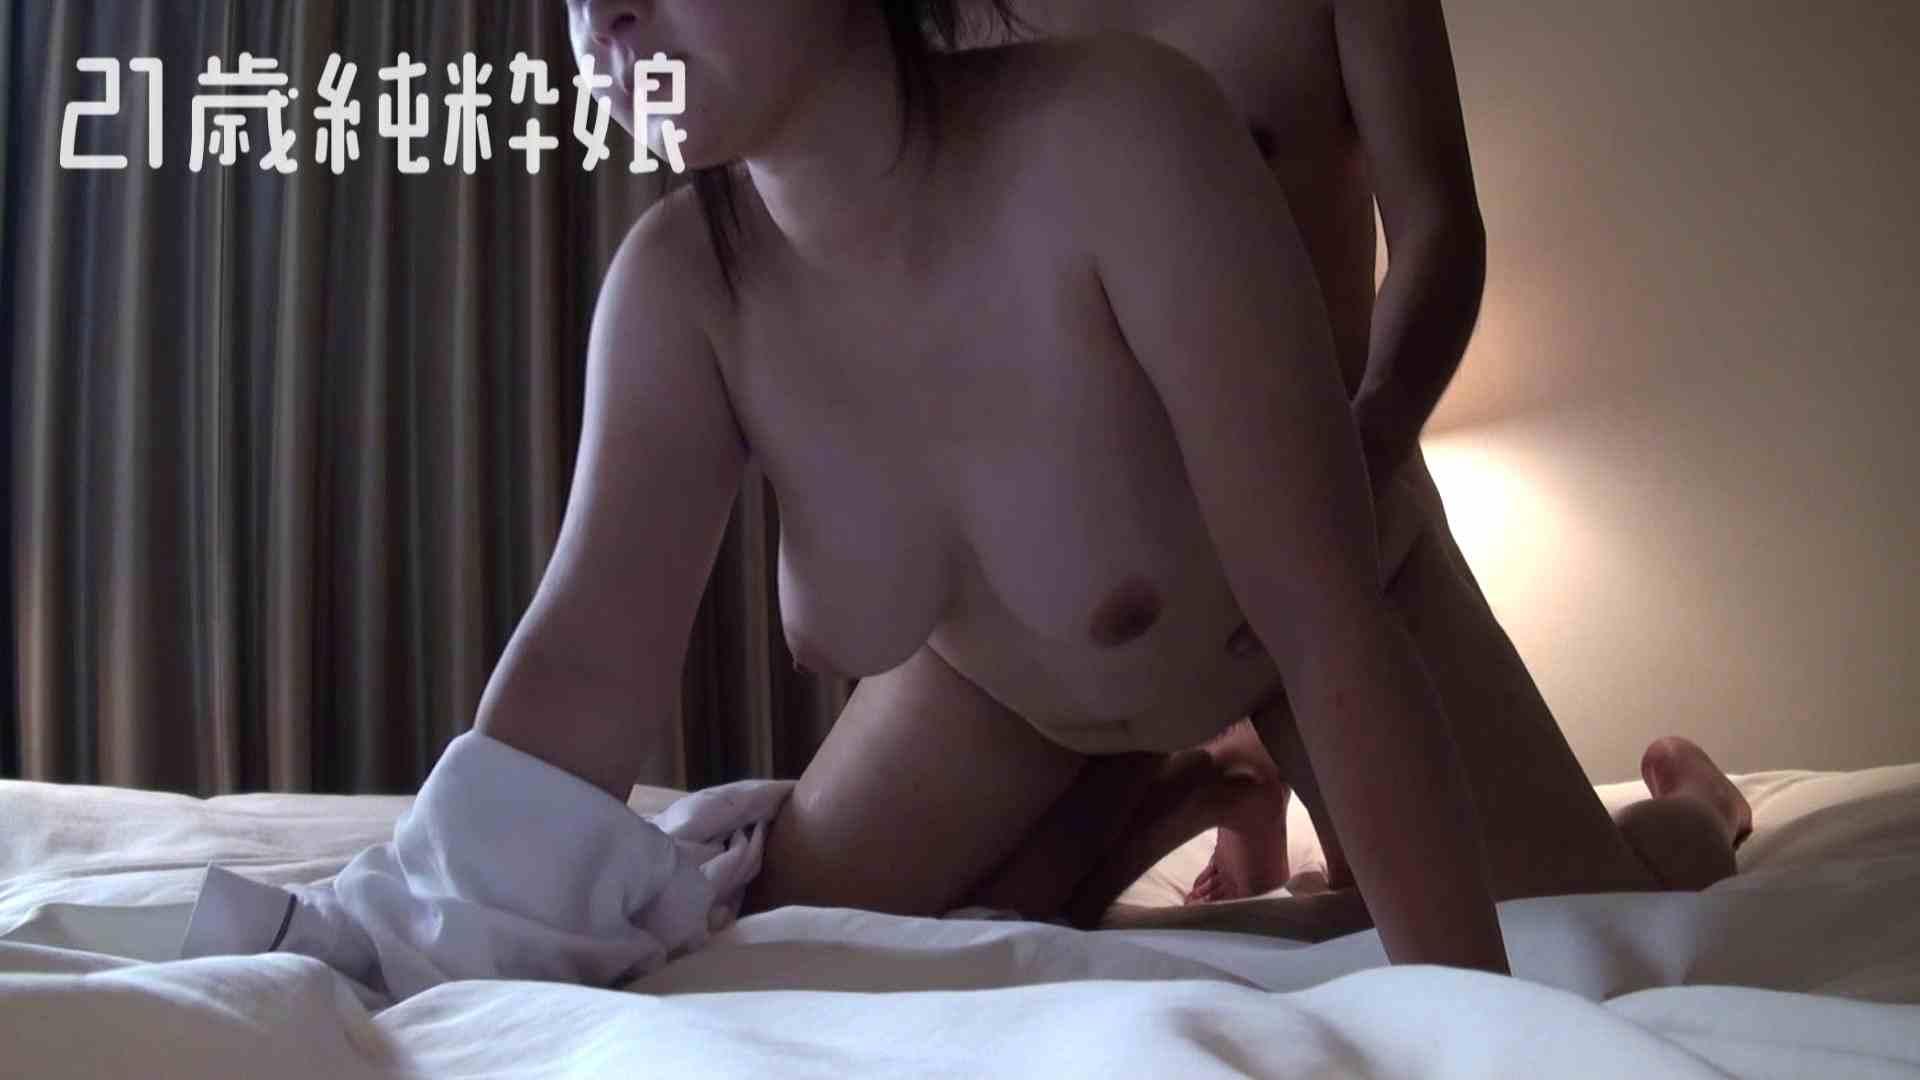 上京したばかりのGカップ21歳純粋嬢を都合の良い女にしてみた2 中出し | SEX  24連発 22